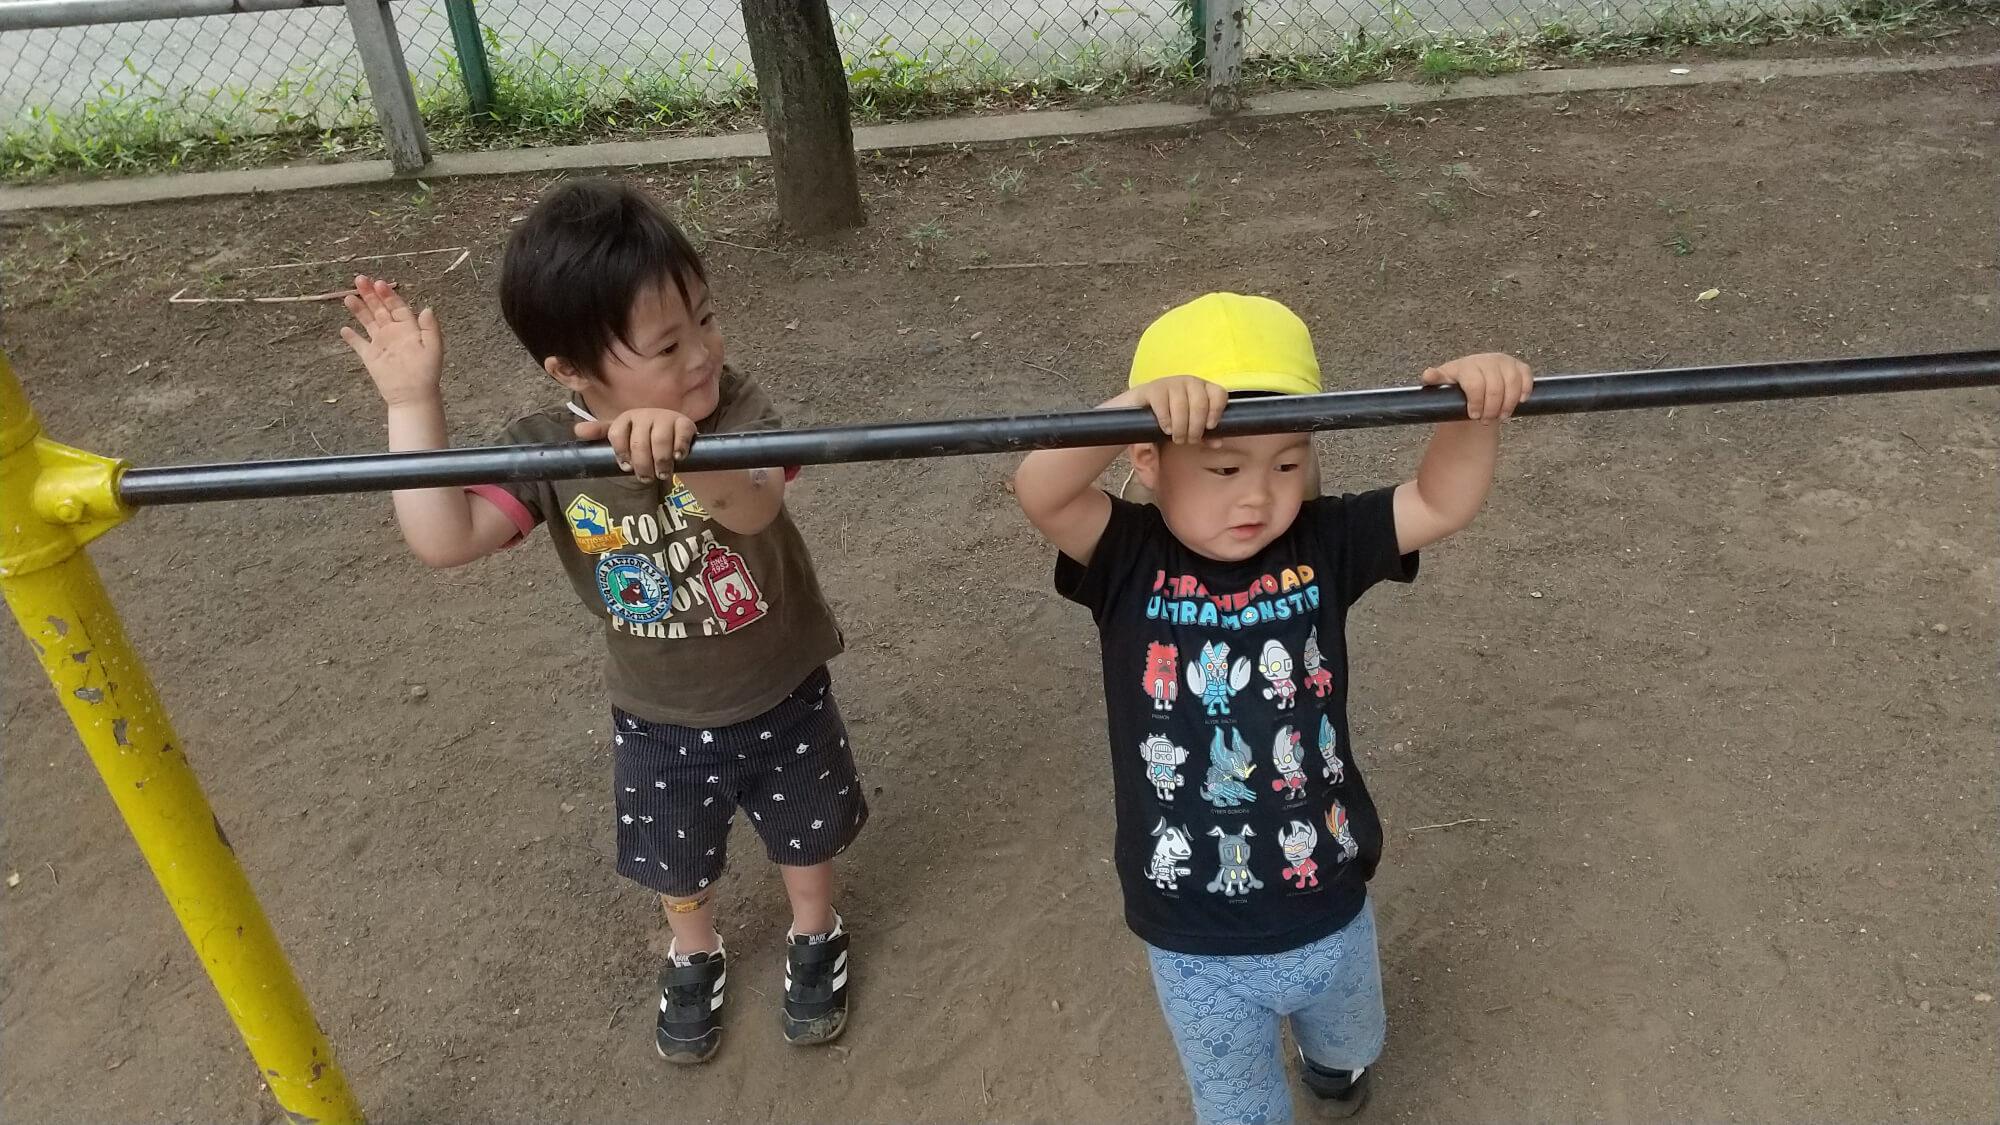 鉄棒で遊ぶ子どもたち